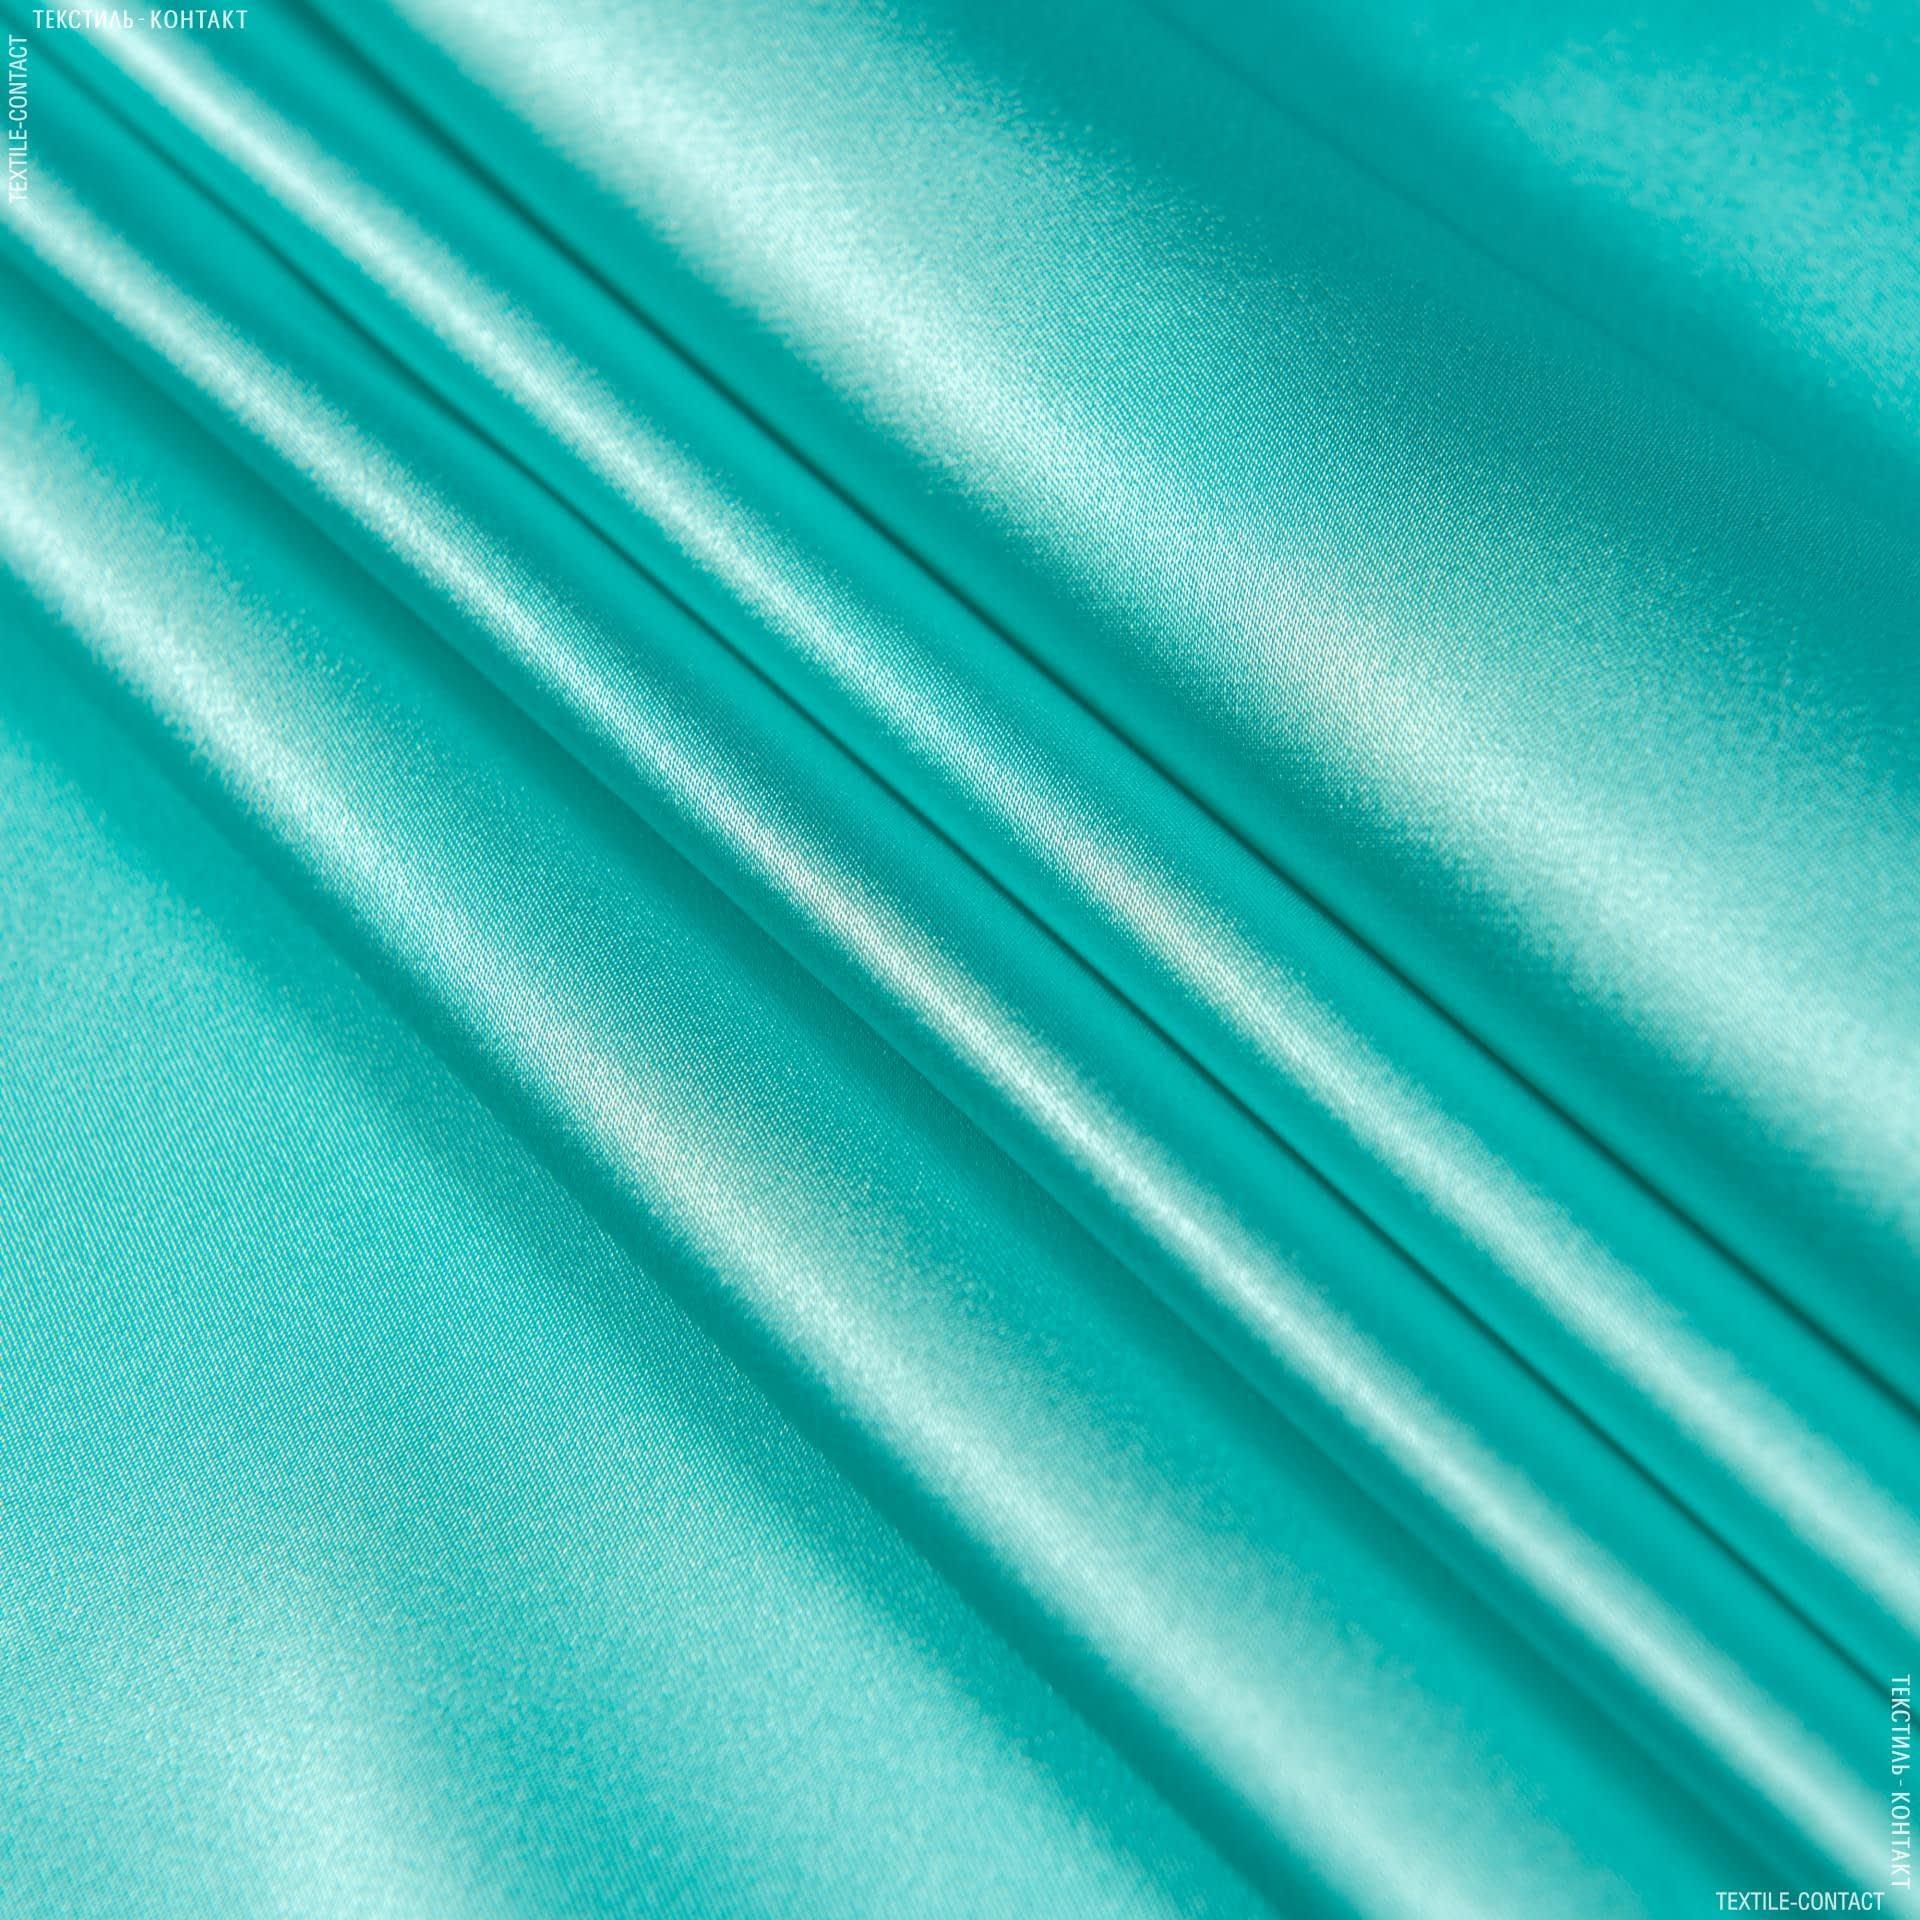 Тканини для білизни - Атлас лайт софт світло-м'ятний